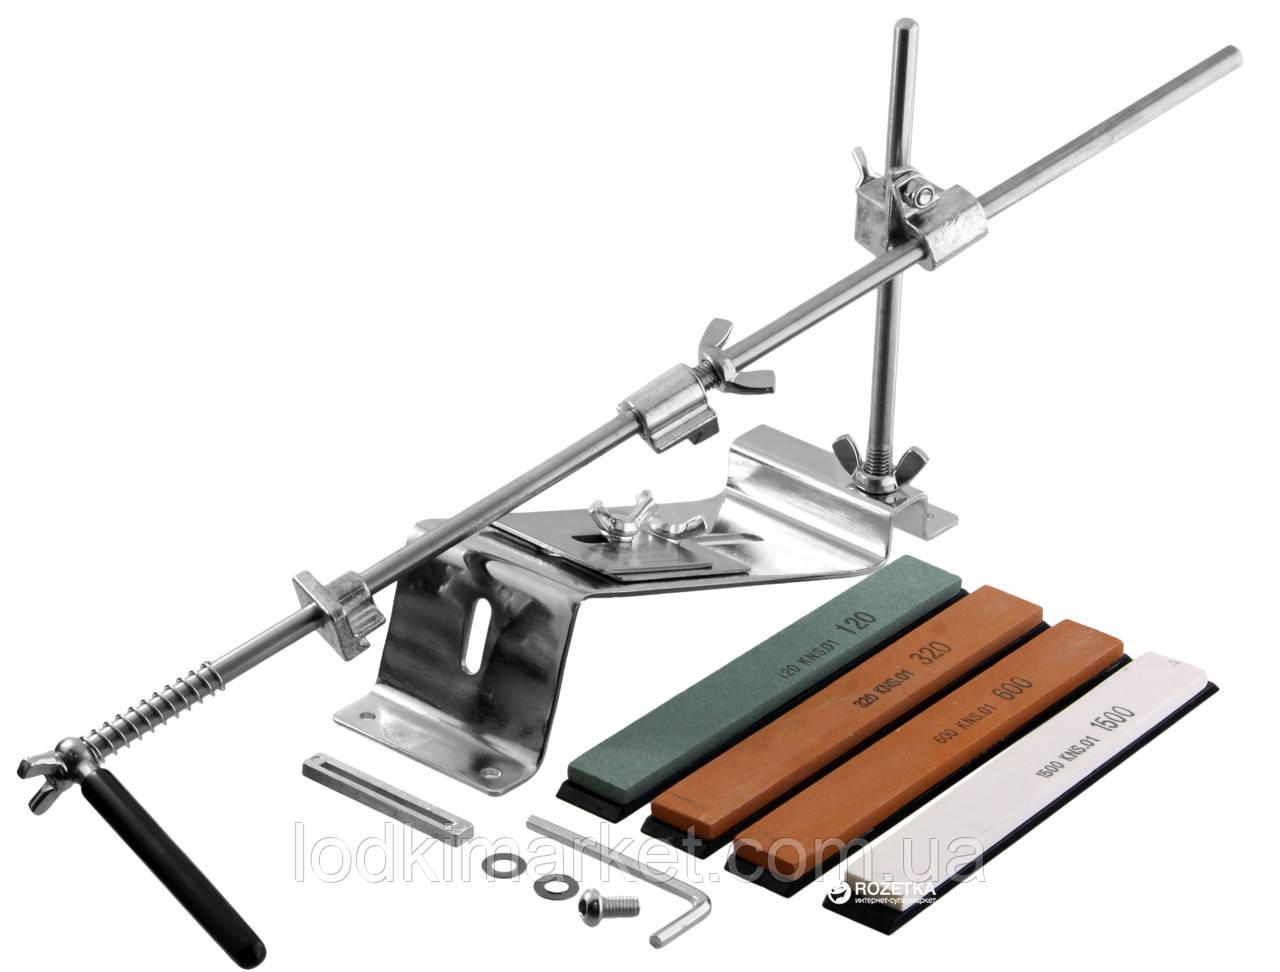 Профессиональная точилка для ножей Ruixin Pro III (тип Apex) 4 камня